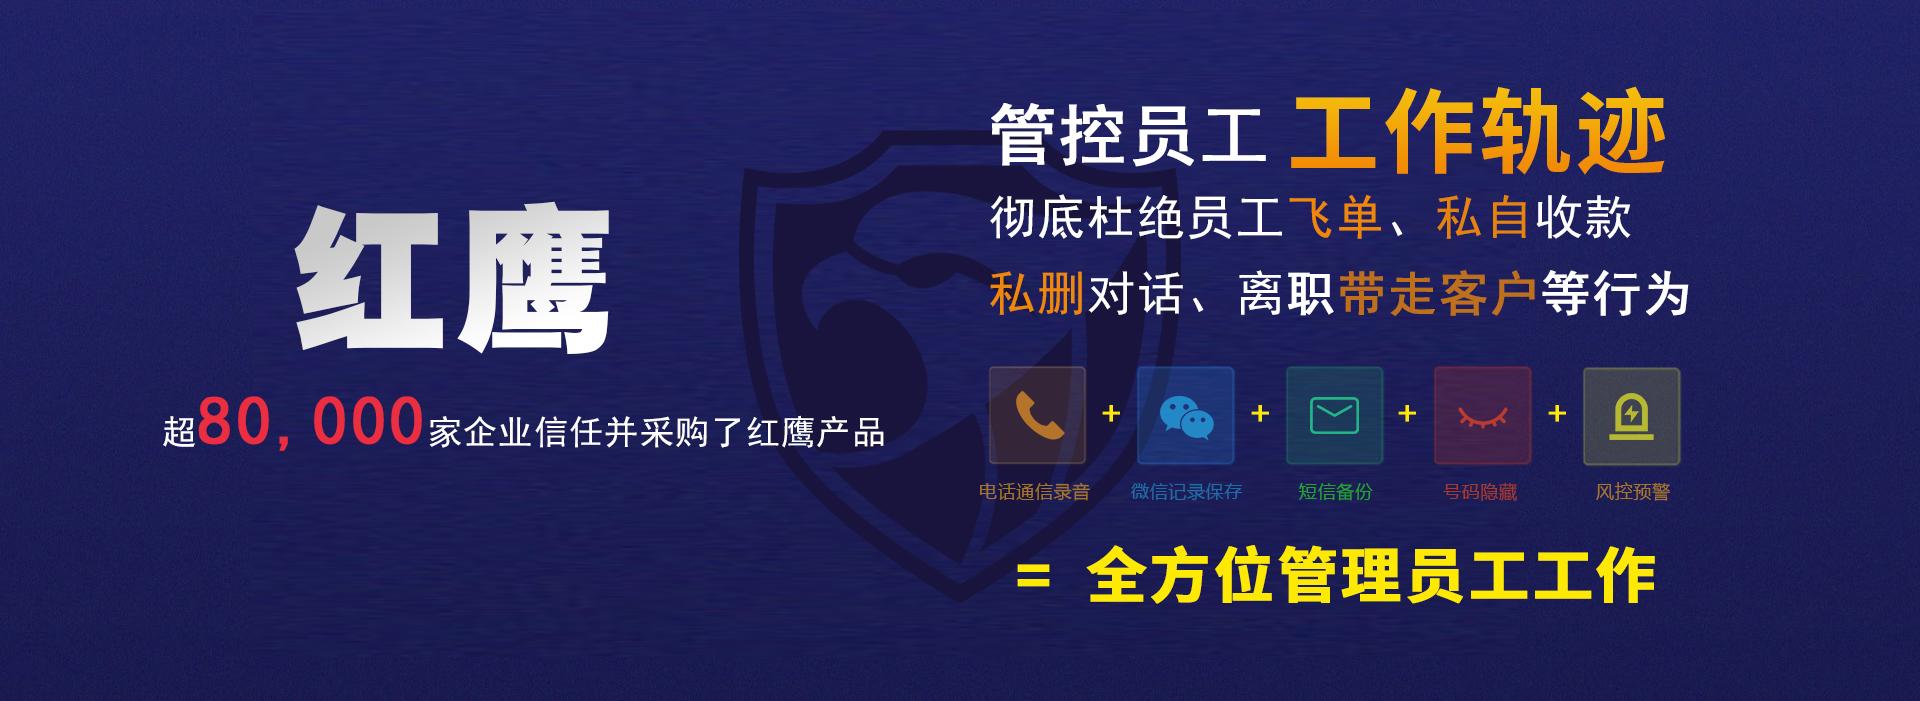 红鹰工作手机,加速企业数据沉淀,提升销售执行力